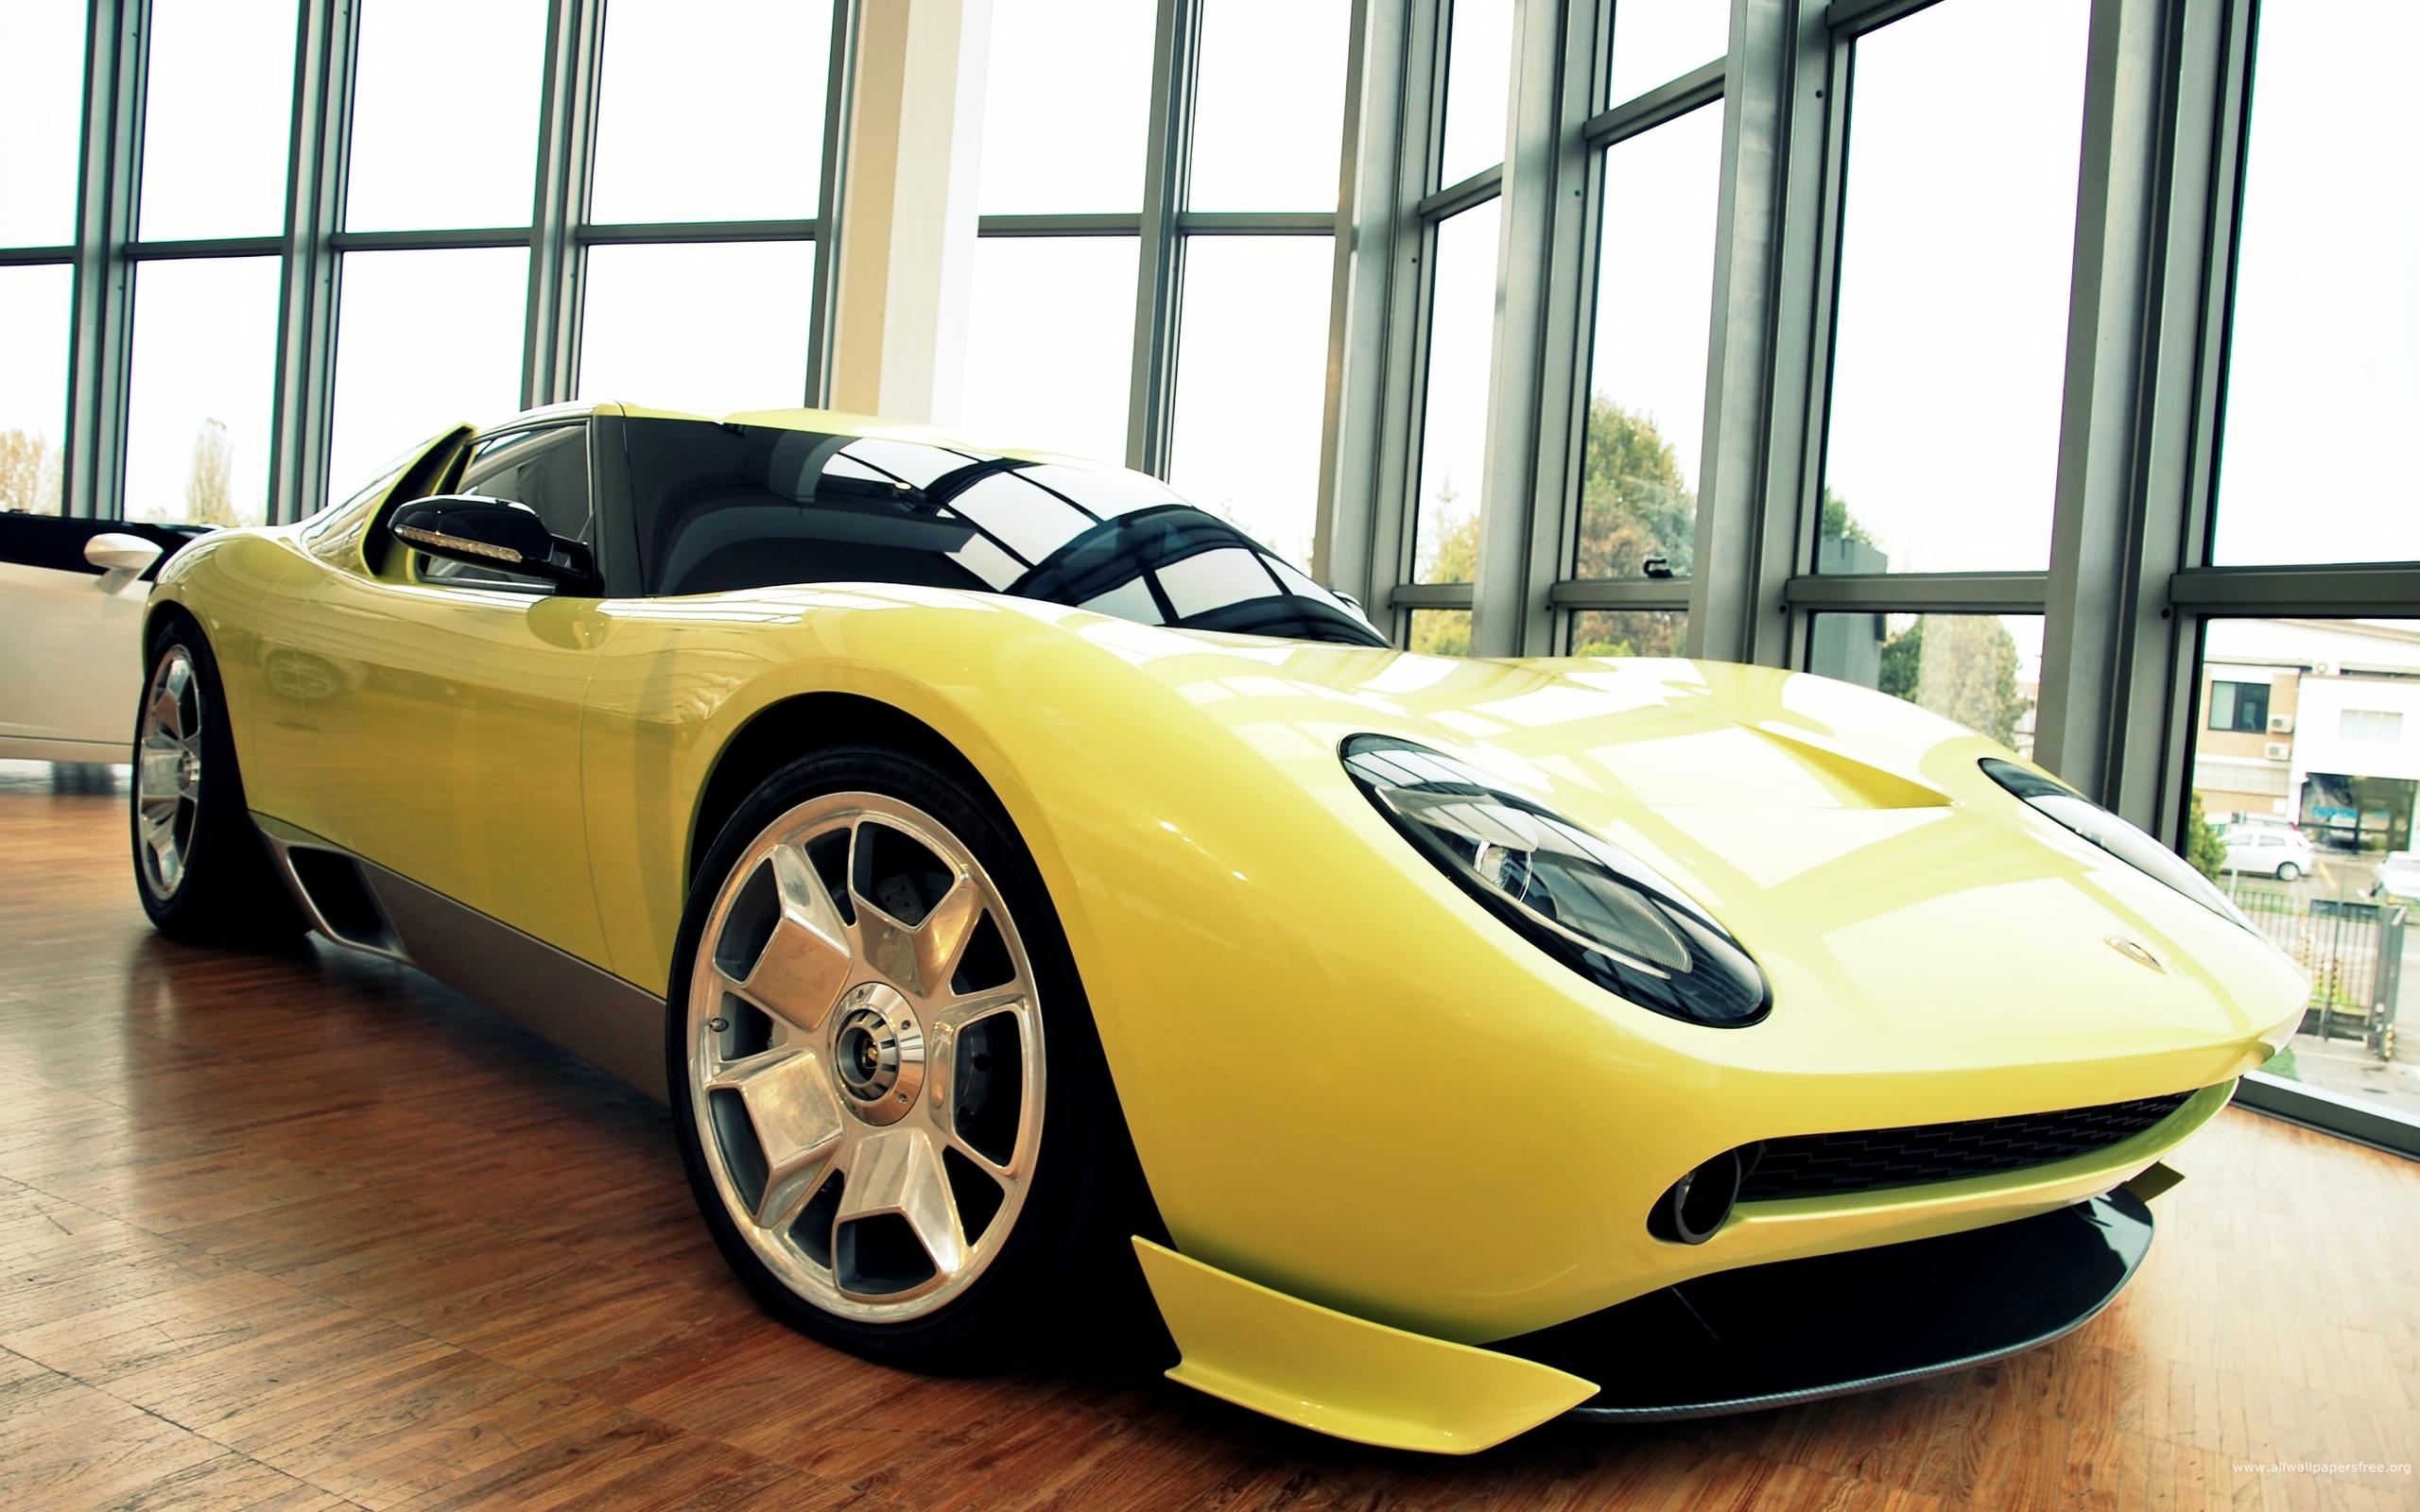 Wallpaper 2560x1600 Px Car Lamborghini Miura Yellow Cars